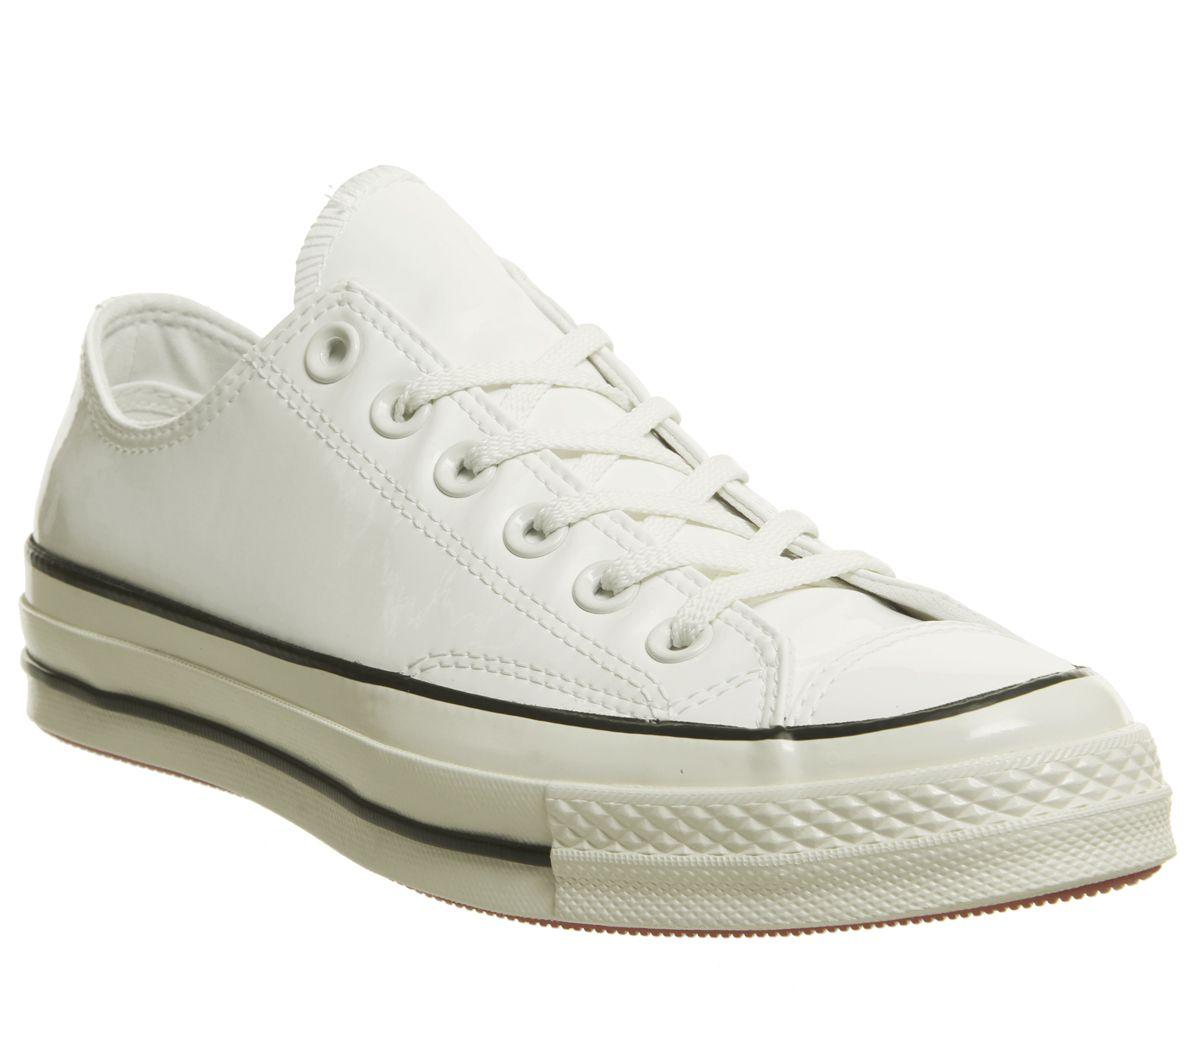 0f1aaf231bb71 Détails sur Chaussures Femme Converse All Star Ox années 70 Baskets Vintage  Noir Blanc Egret brevet train- afficher le titre d origine